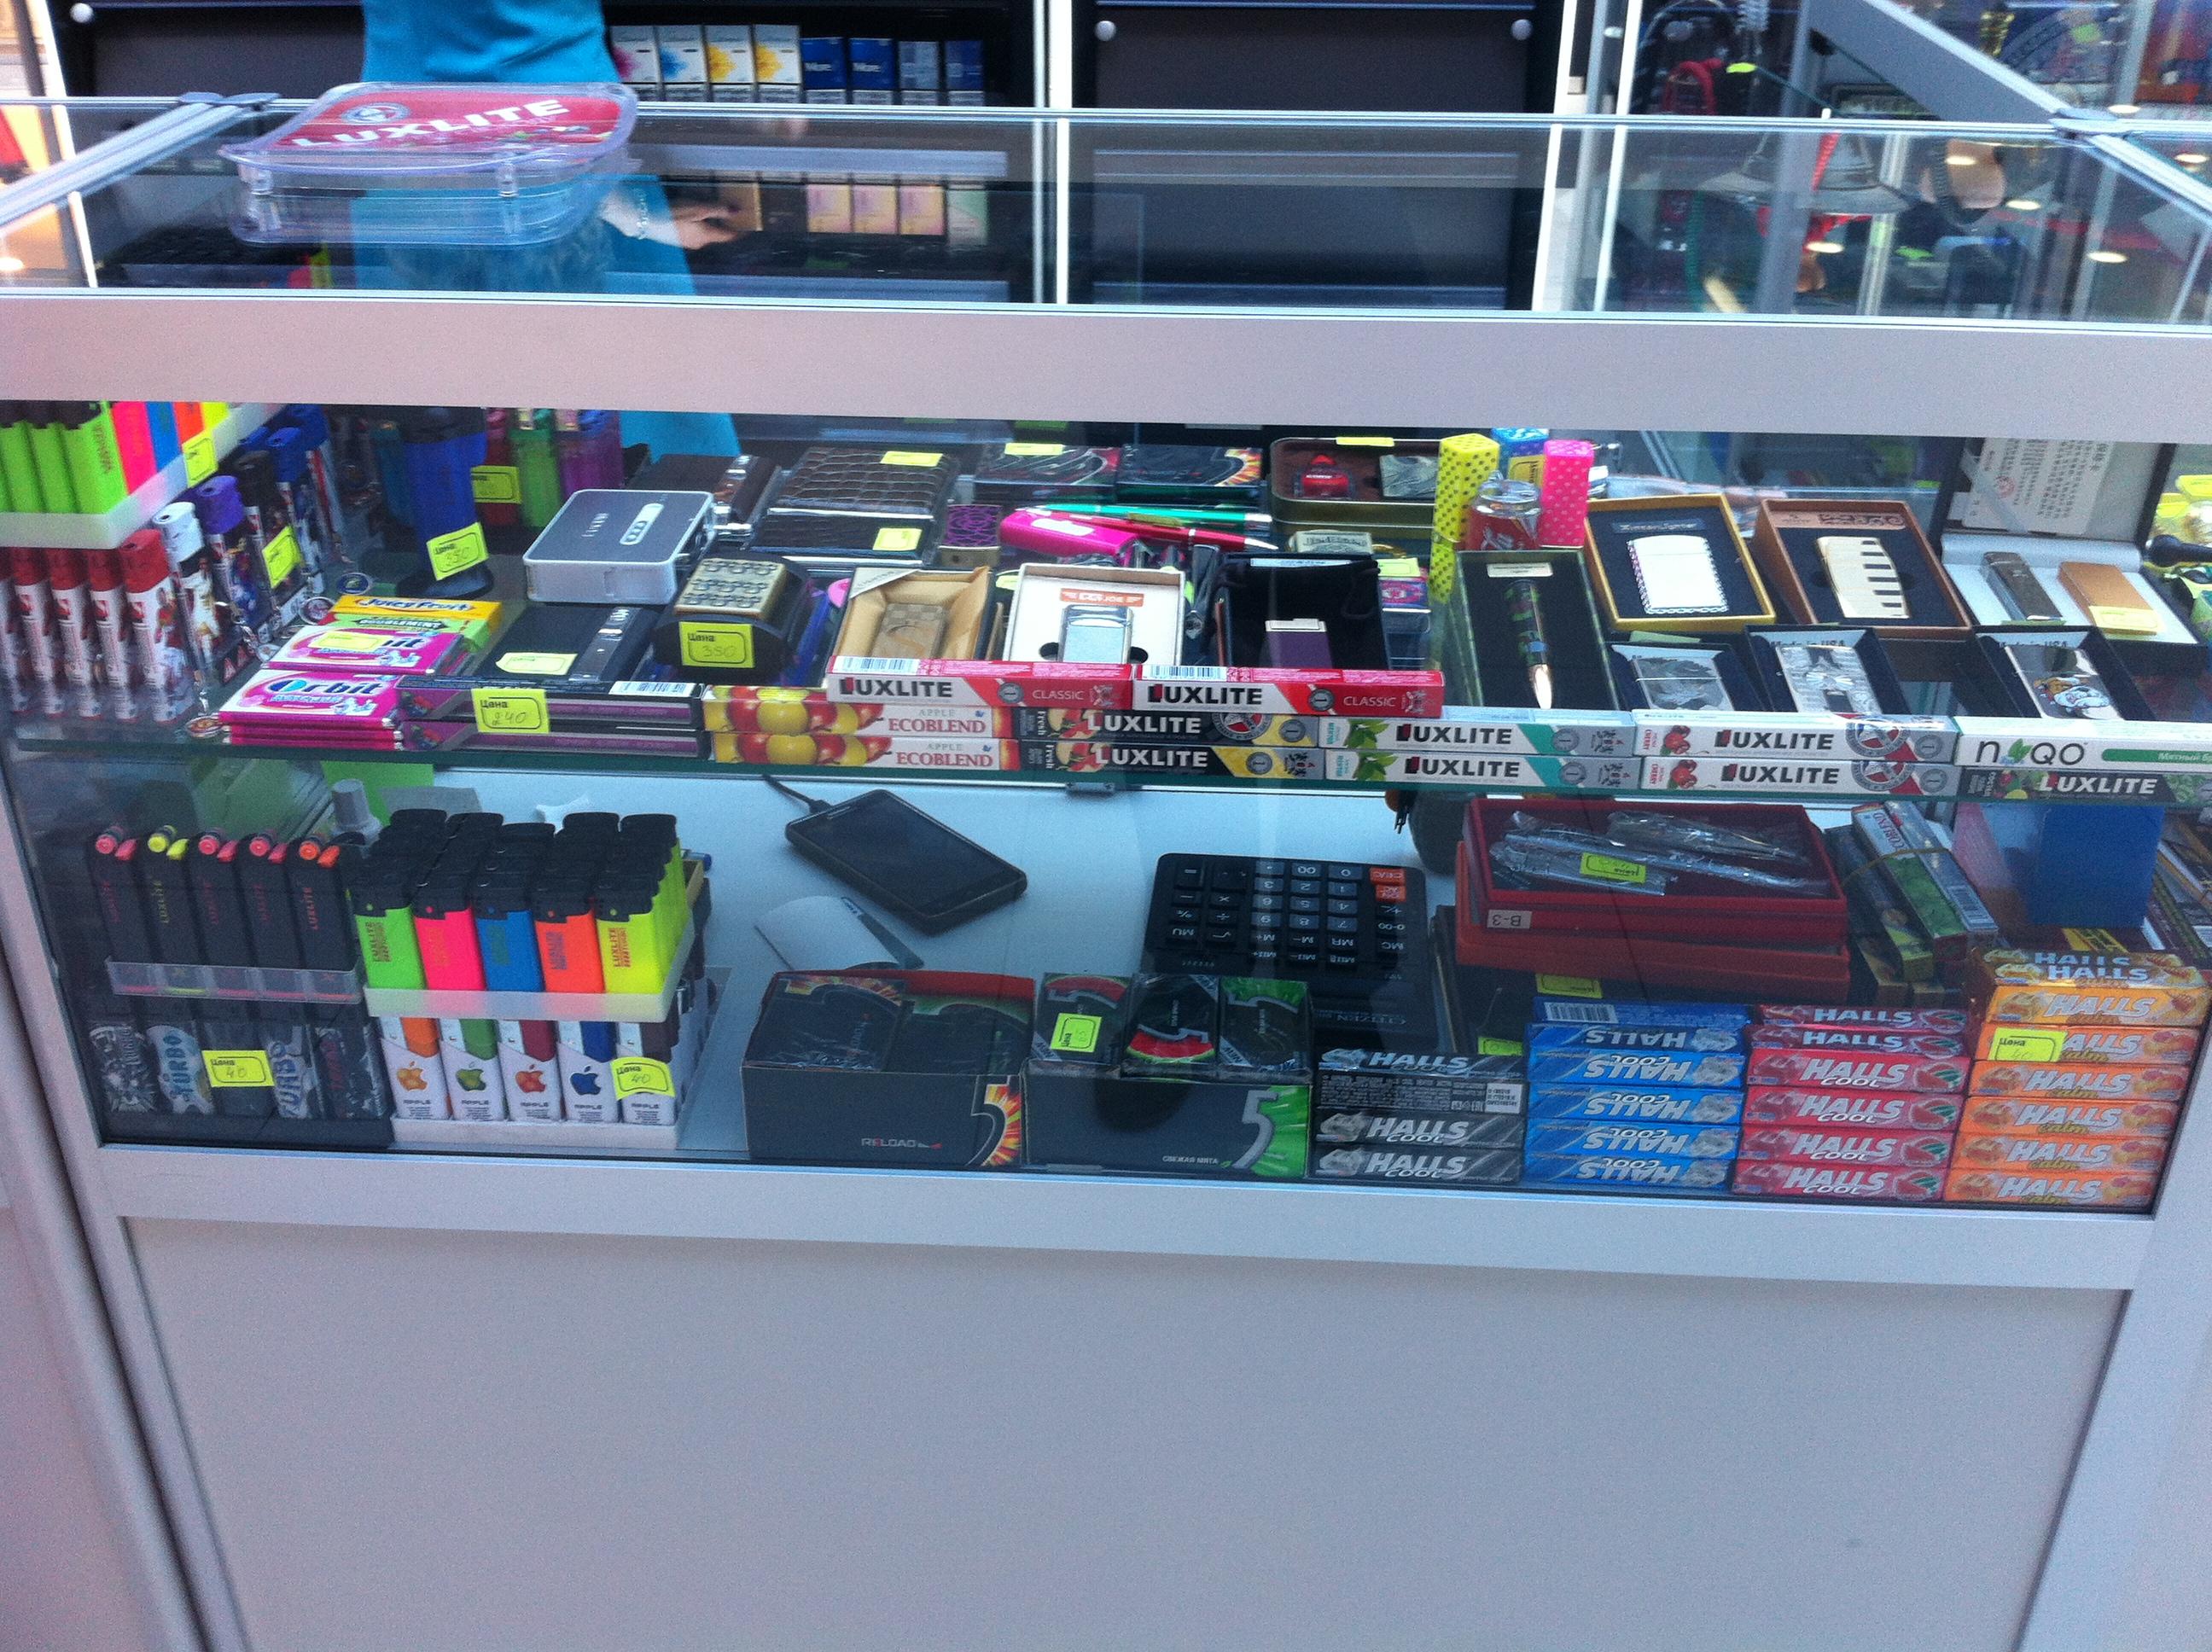 Специализированный магазин табачных изделий в свао купить оптом сигареты бонд компакт